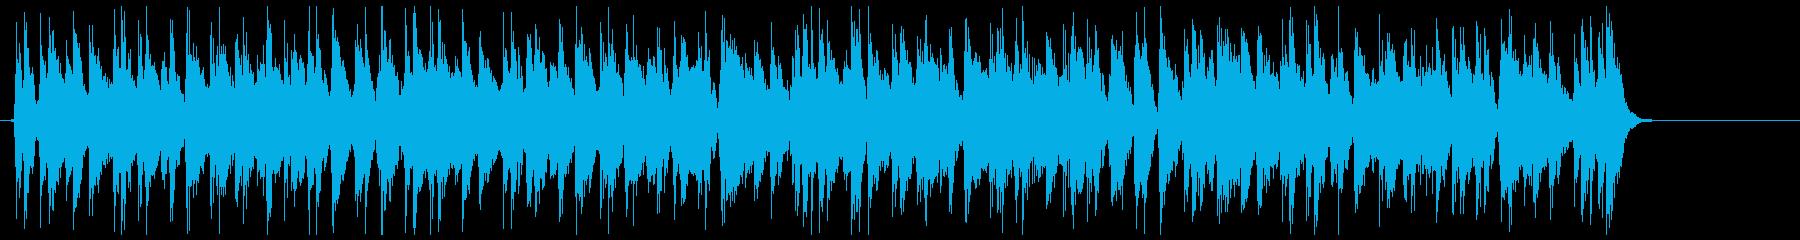 アイキャッチ☆アコギでブルージーなポップの再生済みの波形